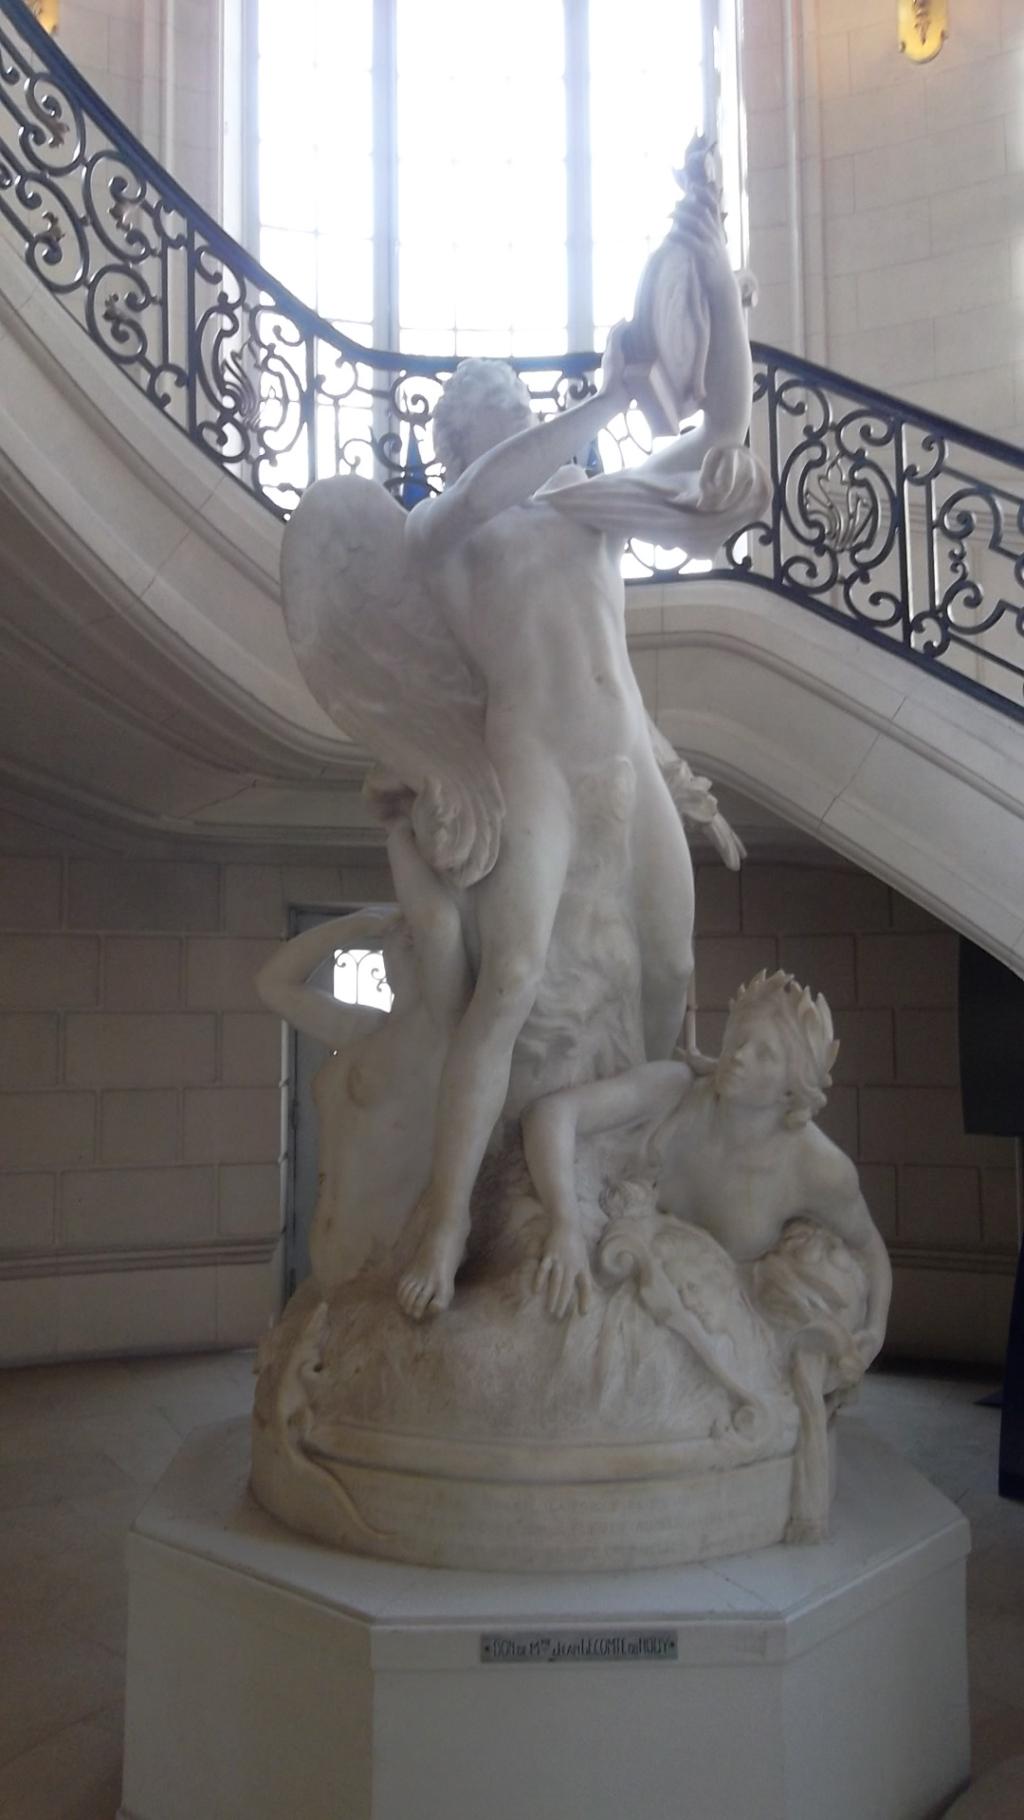 versailles-hotel-de-ville-statue-main-ent-mar13